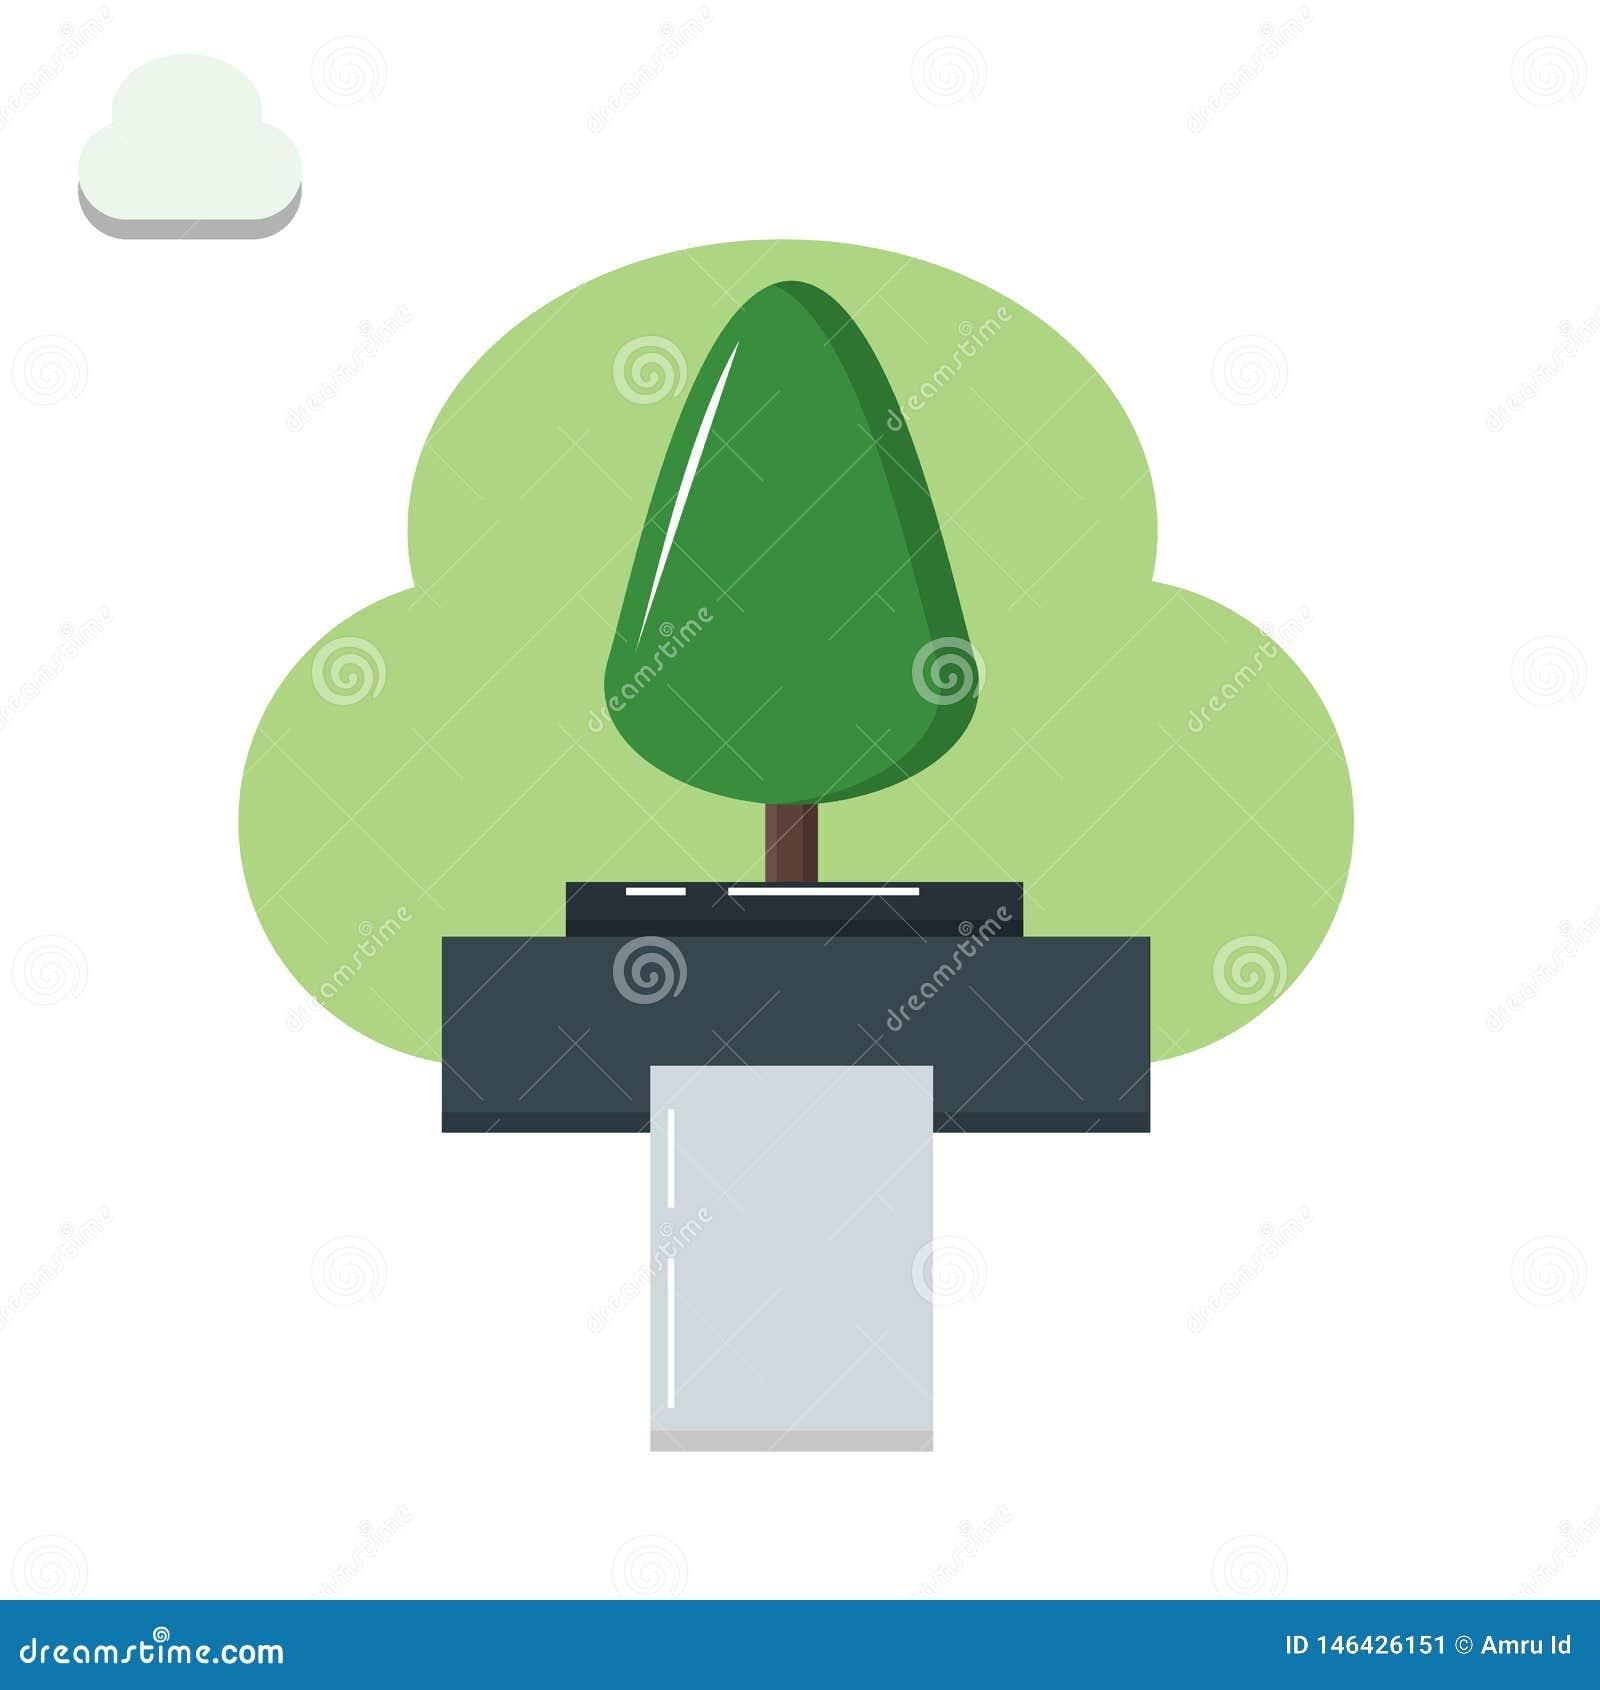 El árbol llega a ser de papel, árbol, impresora, papel, degradación ambiental